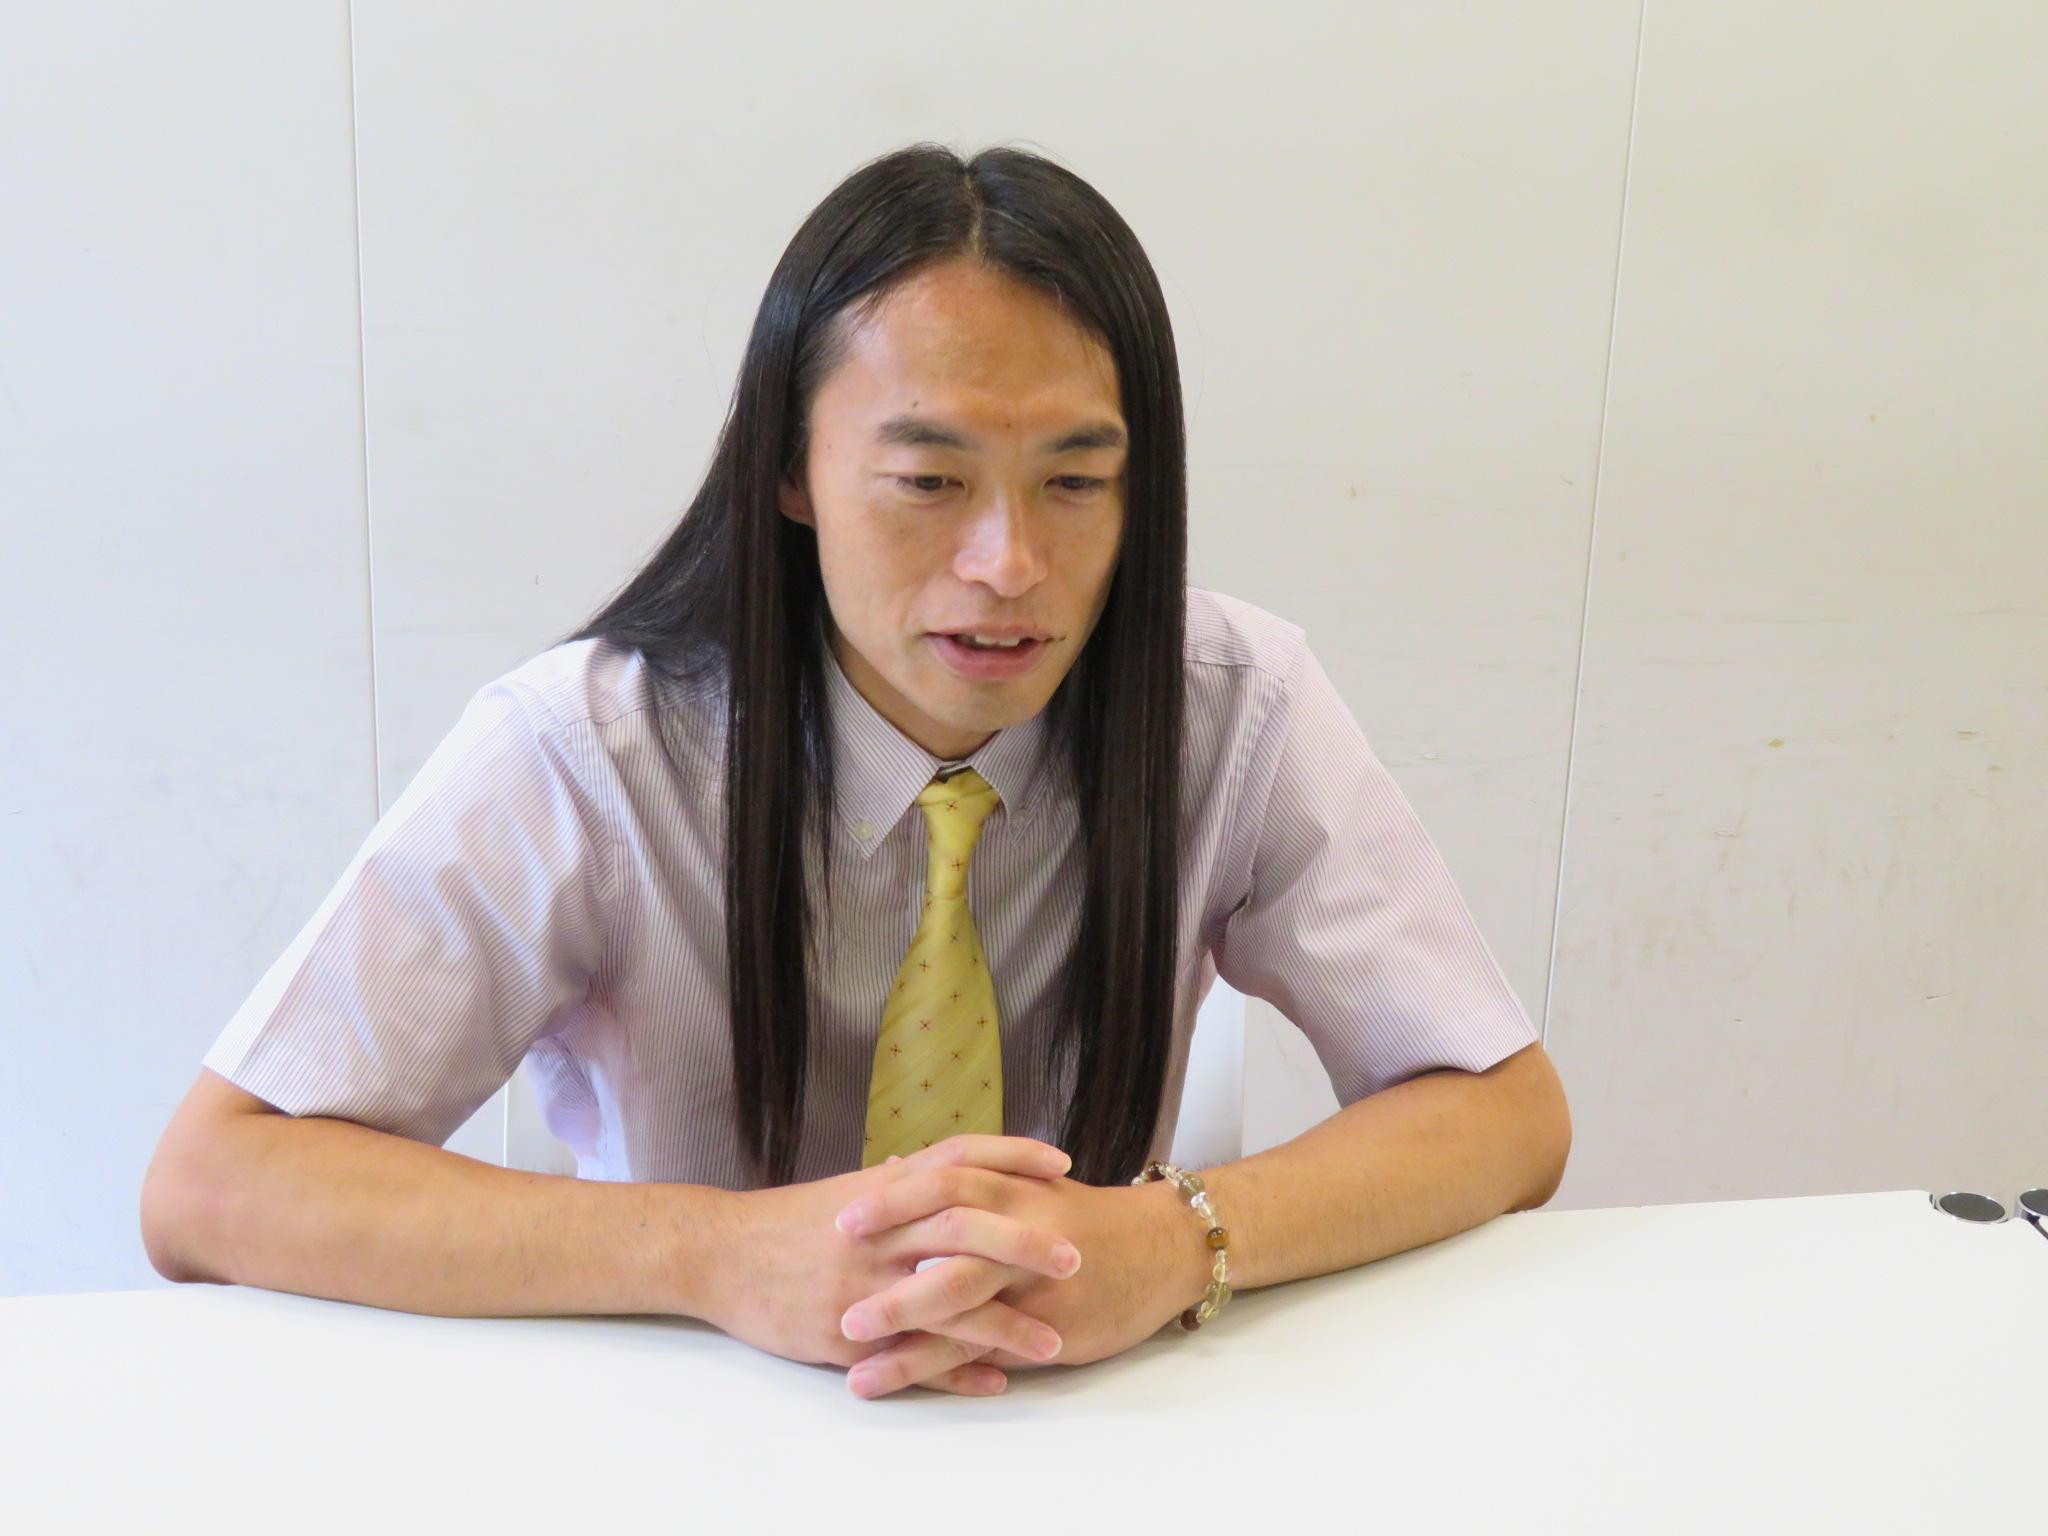 http://news.yoshimoto.co.jp/20180719175653-2726b10fdb7361bb8f770569002ecdc8bfeee643.jpg